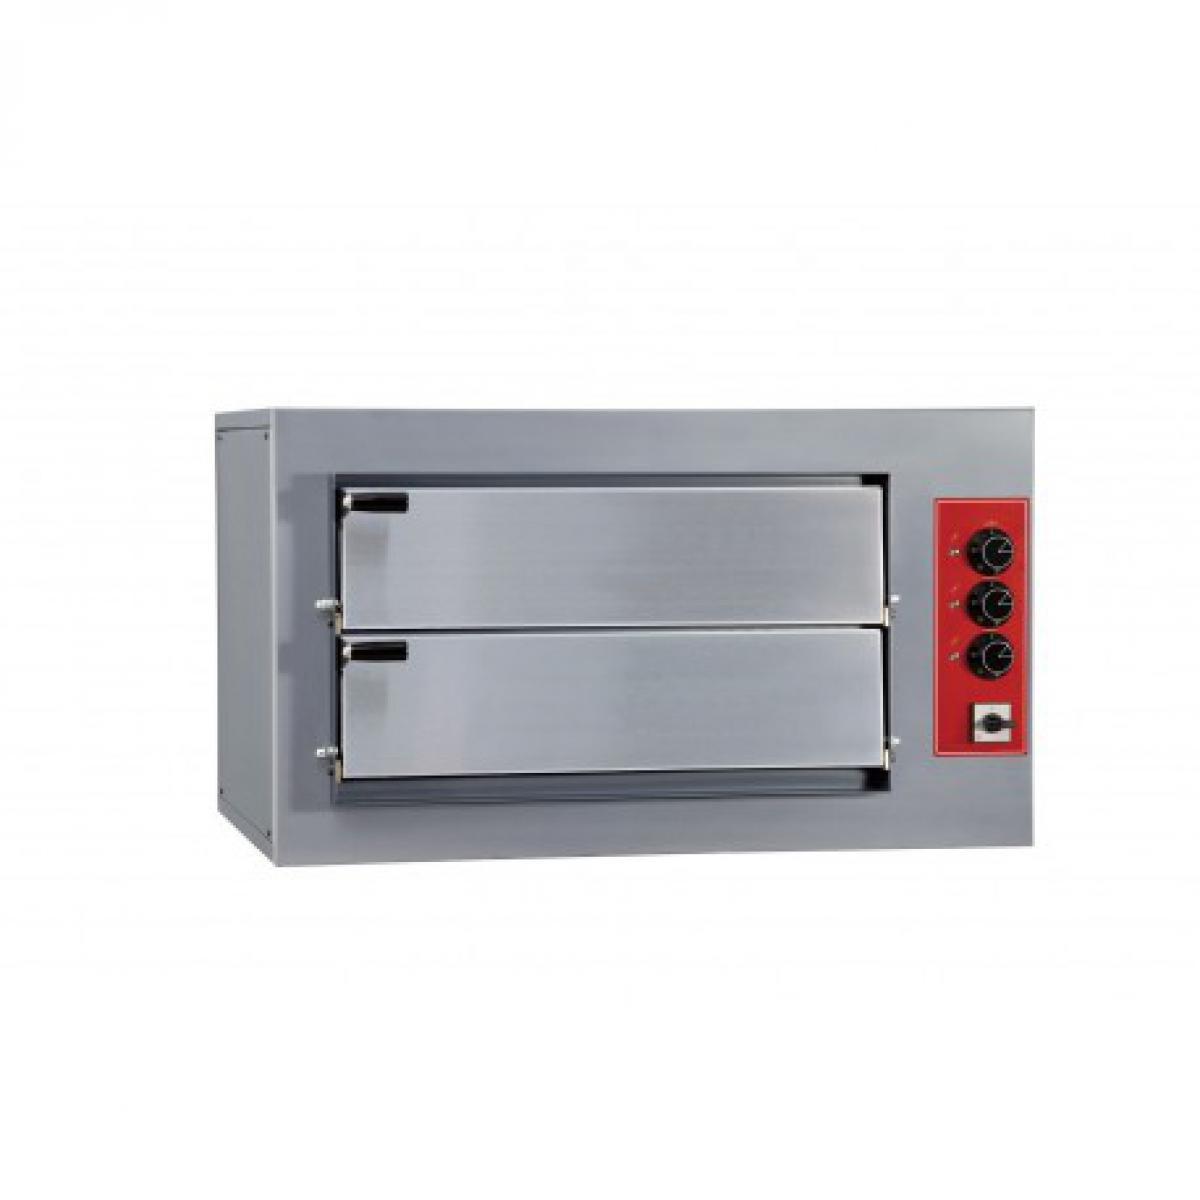 Yarrah Four à pizza double électrique professionnel - 4 pizzas 7,5 kW - Pizzagroup -